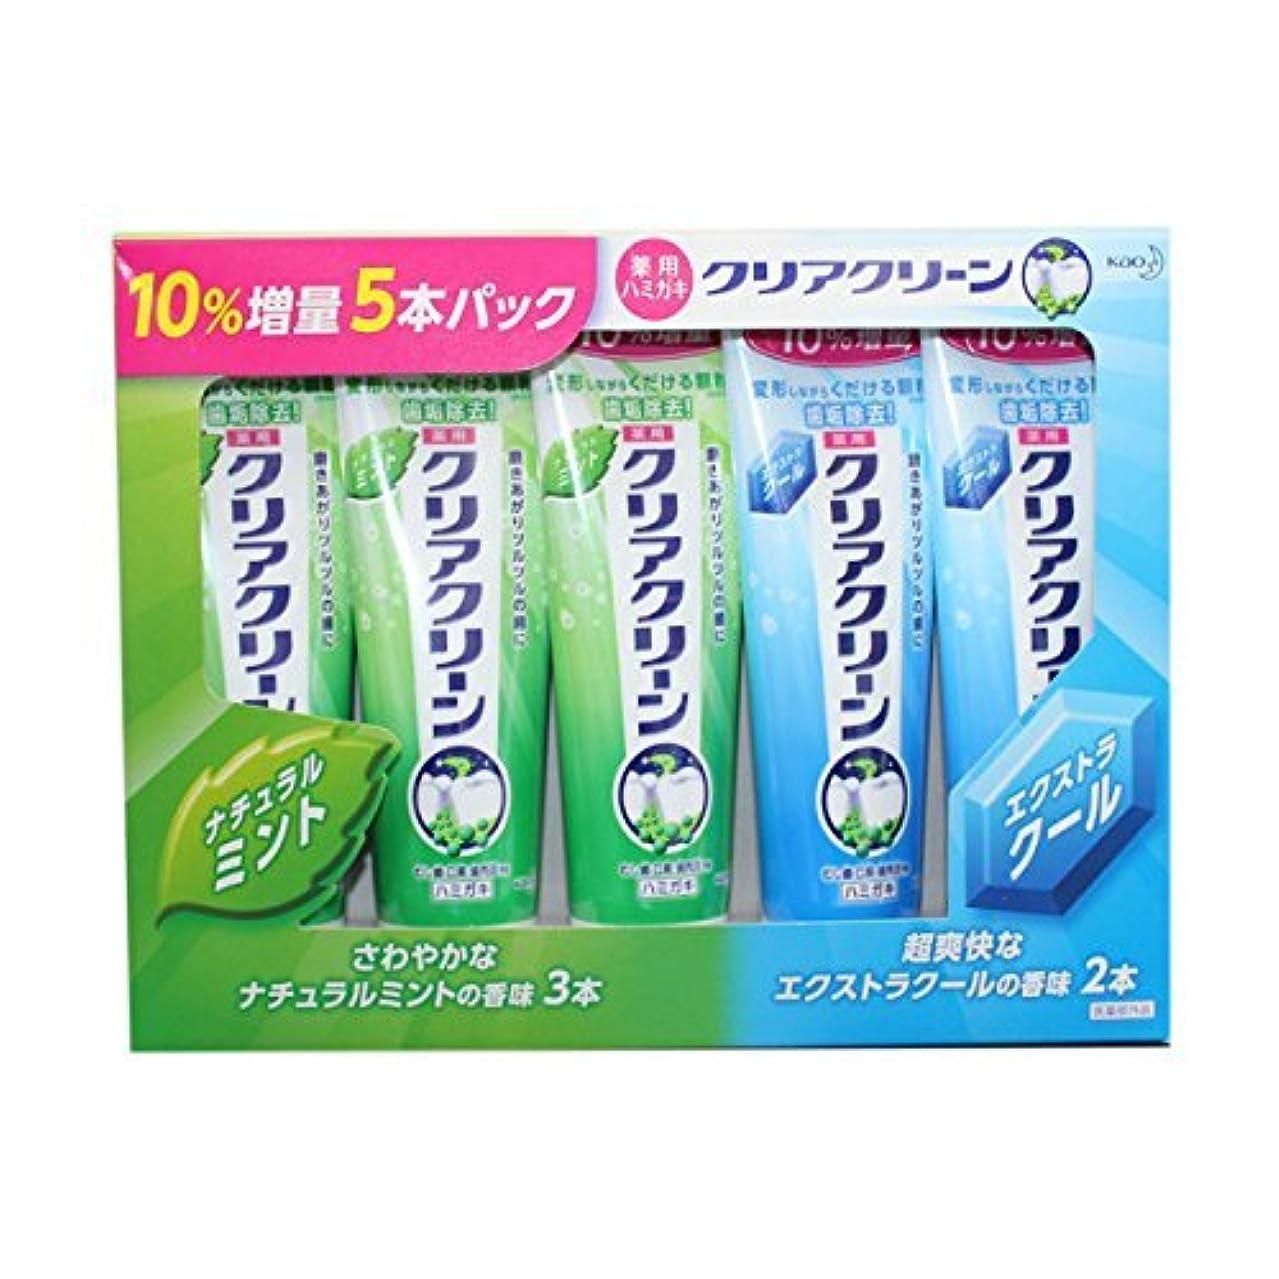 当社必要とするチューインガムクリアクリーン 143gx5本セット(ナチュラルミントx3/エクストラクールx2) 10%増量セット 歯磨き粉